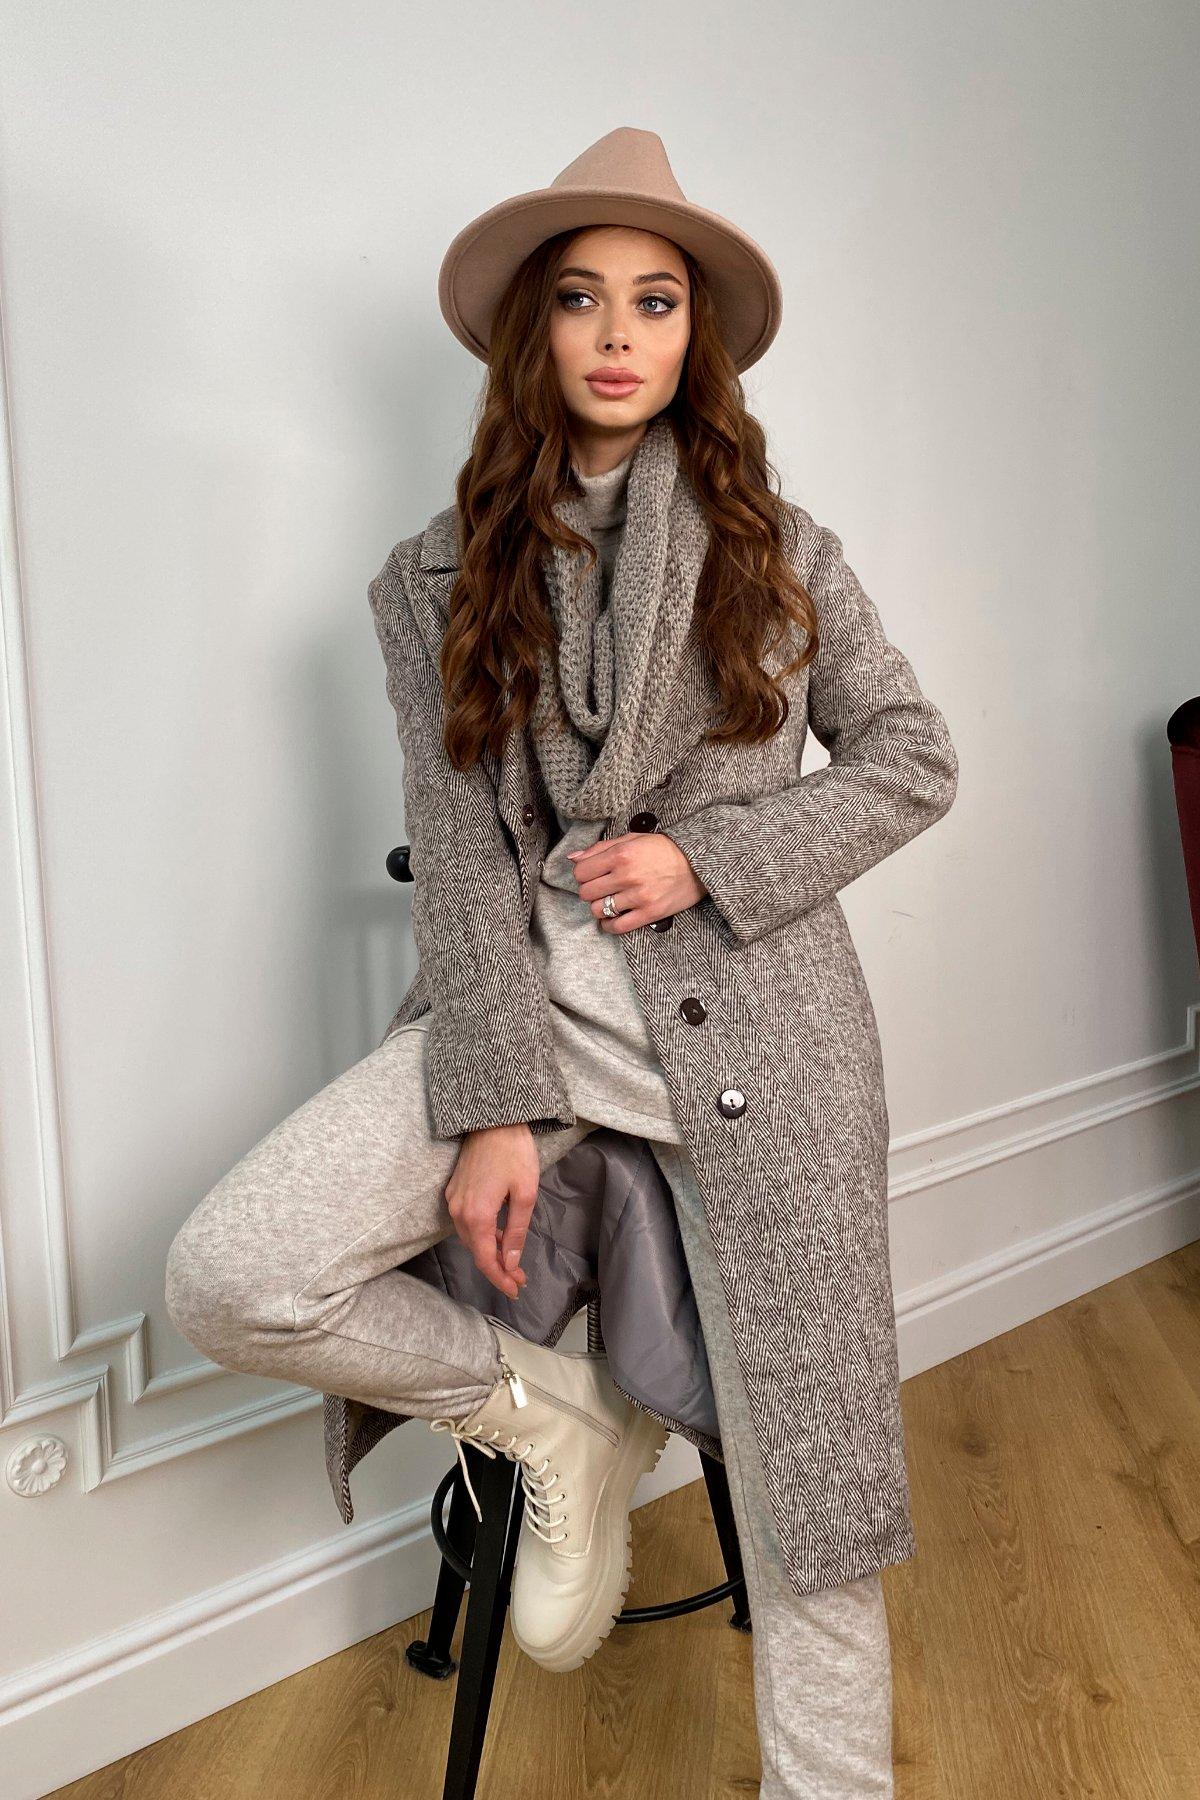 Зимнее пальто полуприталенного кроя Севен 8262 АРТ. 44330 Цвет: шоколад/молоко - фото 2, интернет магазин tm-modus.ru